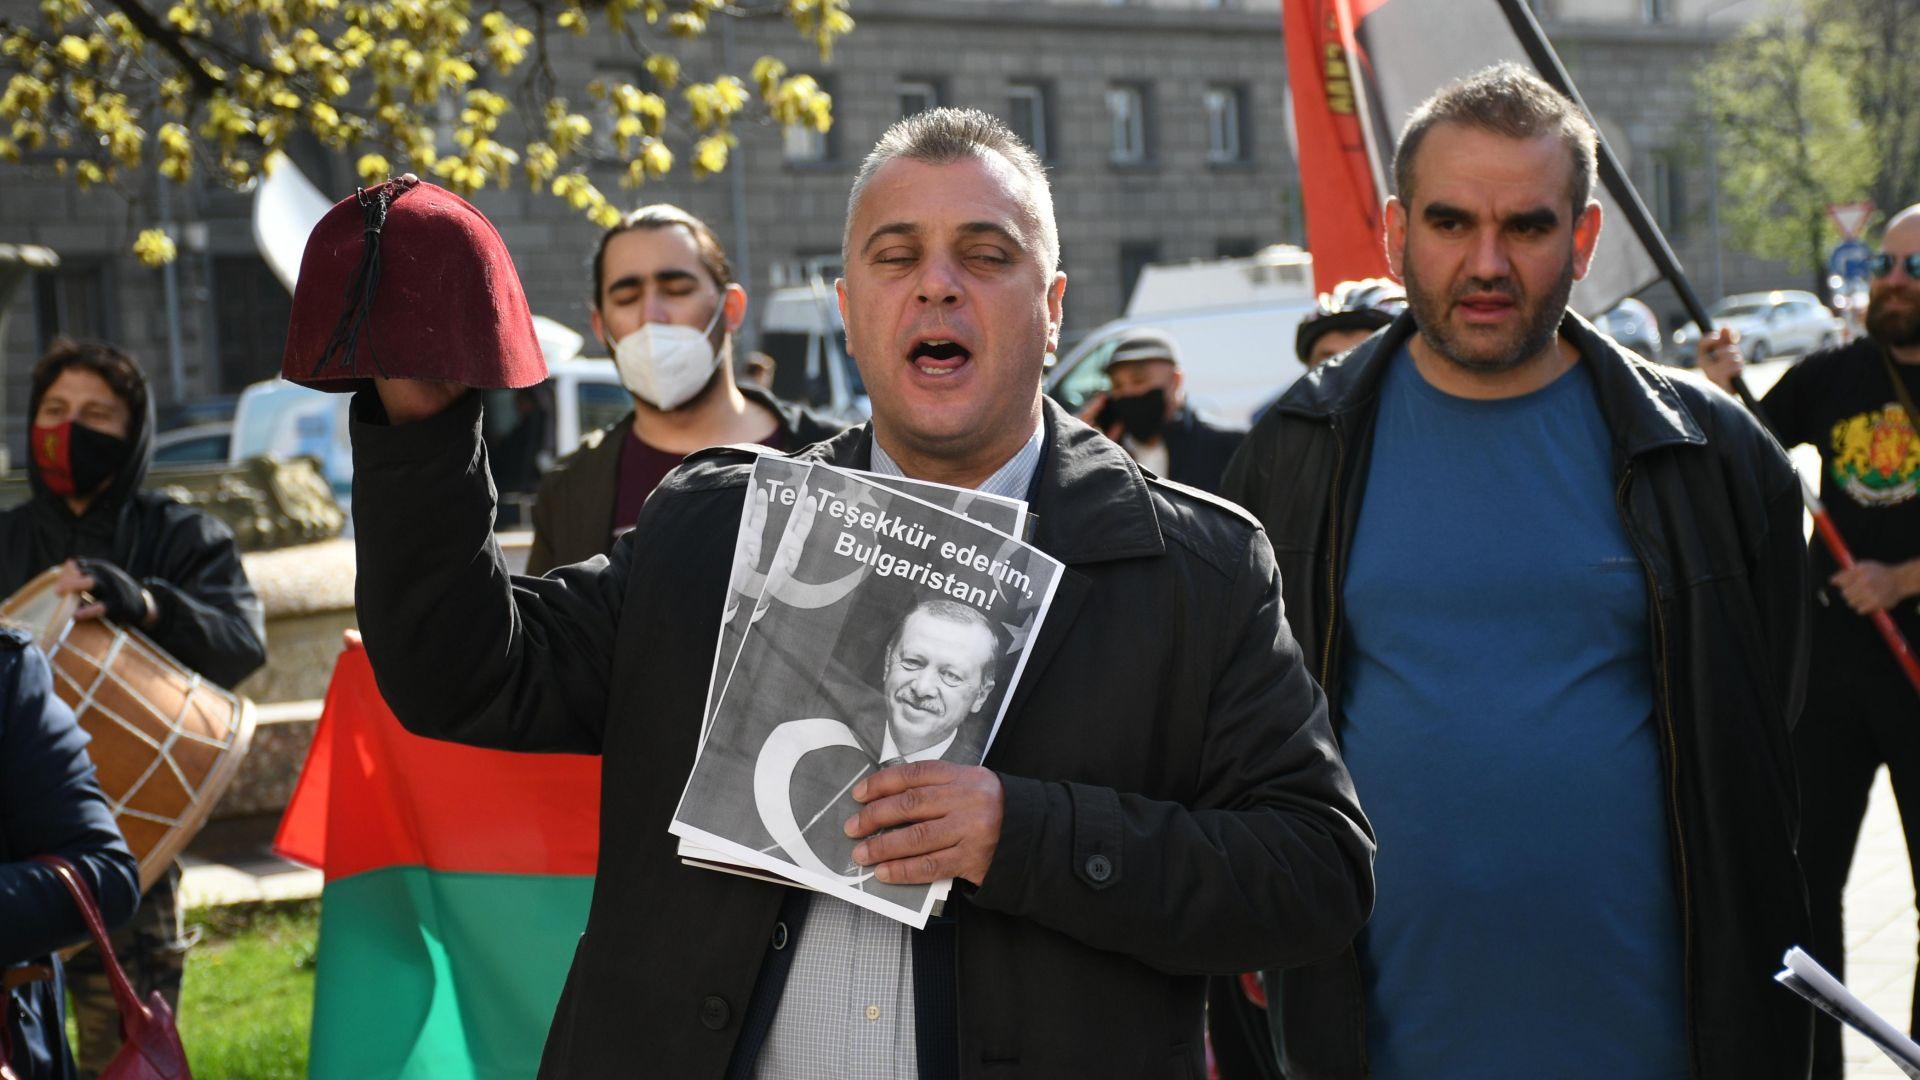 Протестиращи от ВМРО сложиха скъсан фес на главата на Тошко Йорданов (снимки)